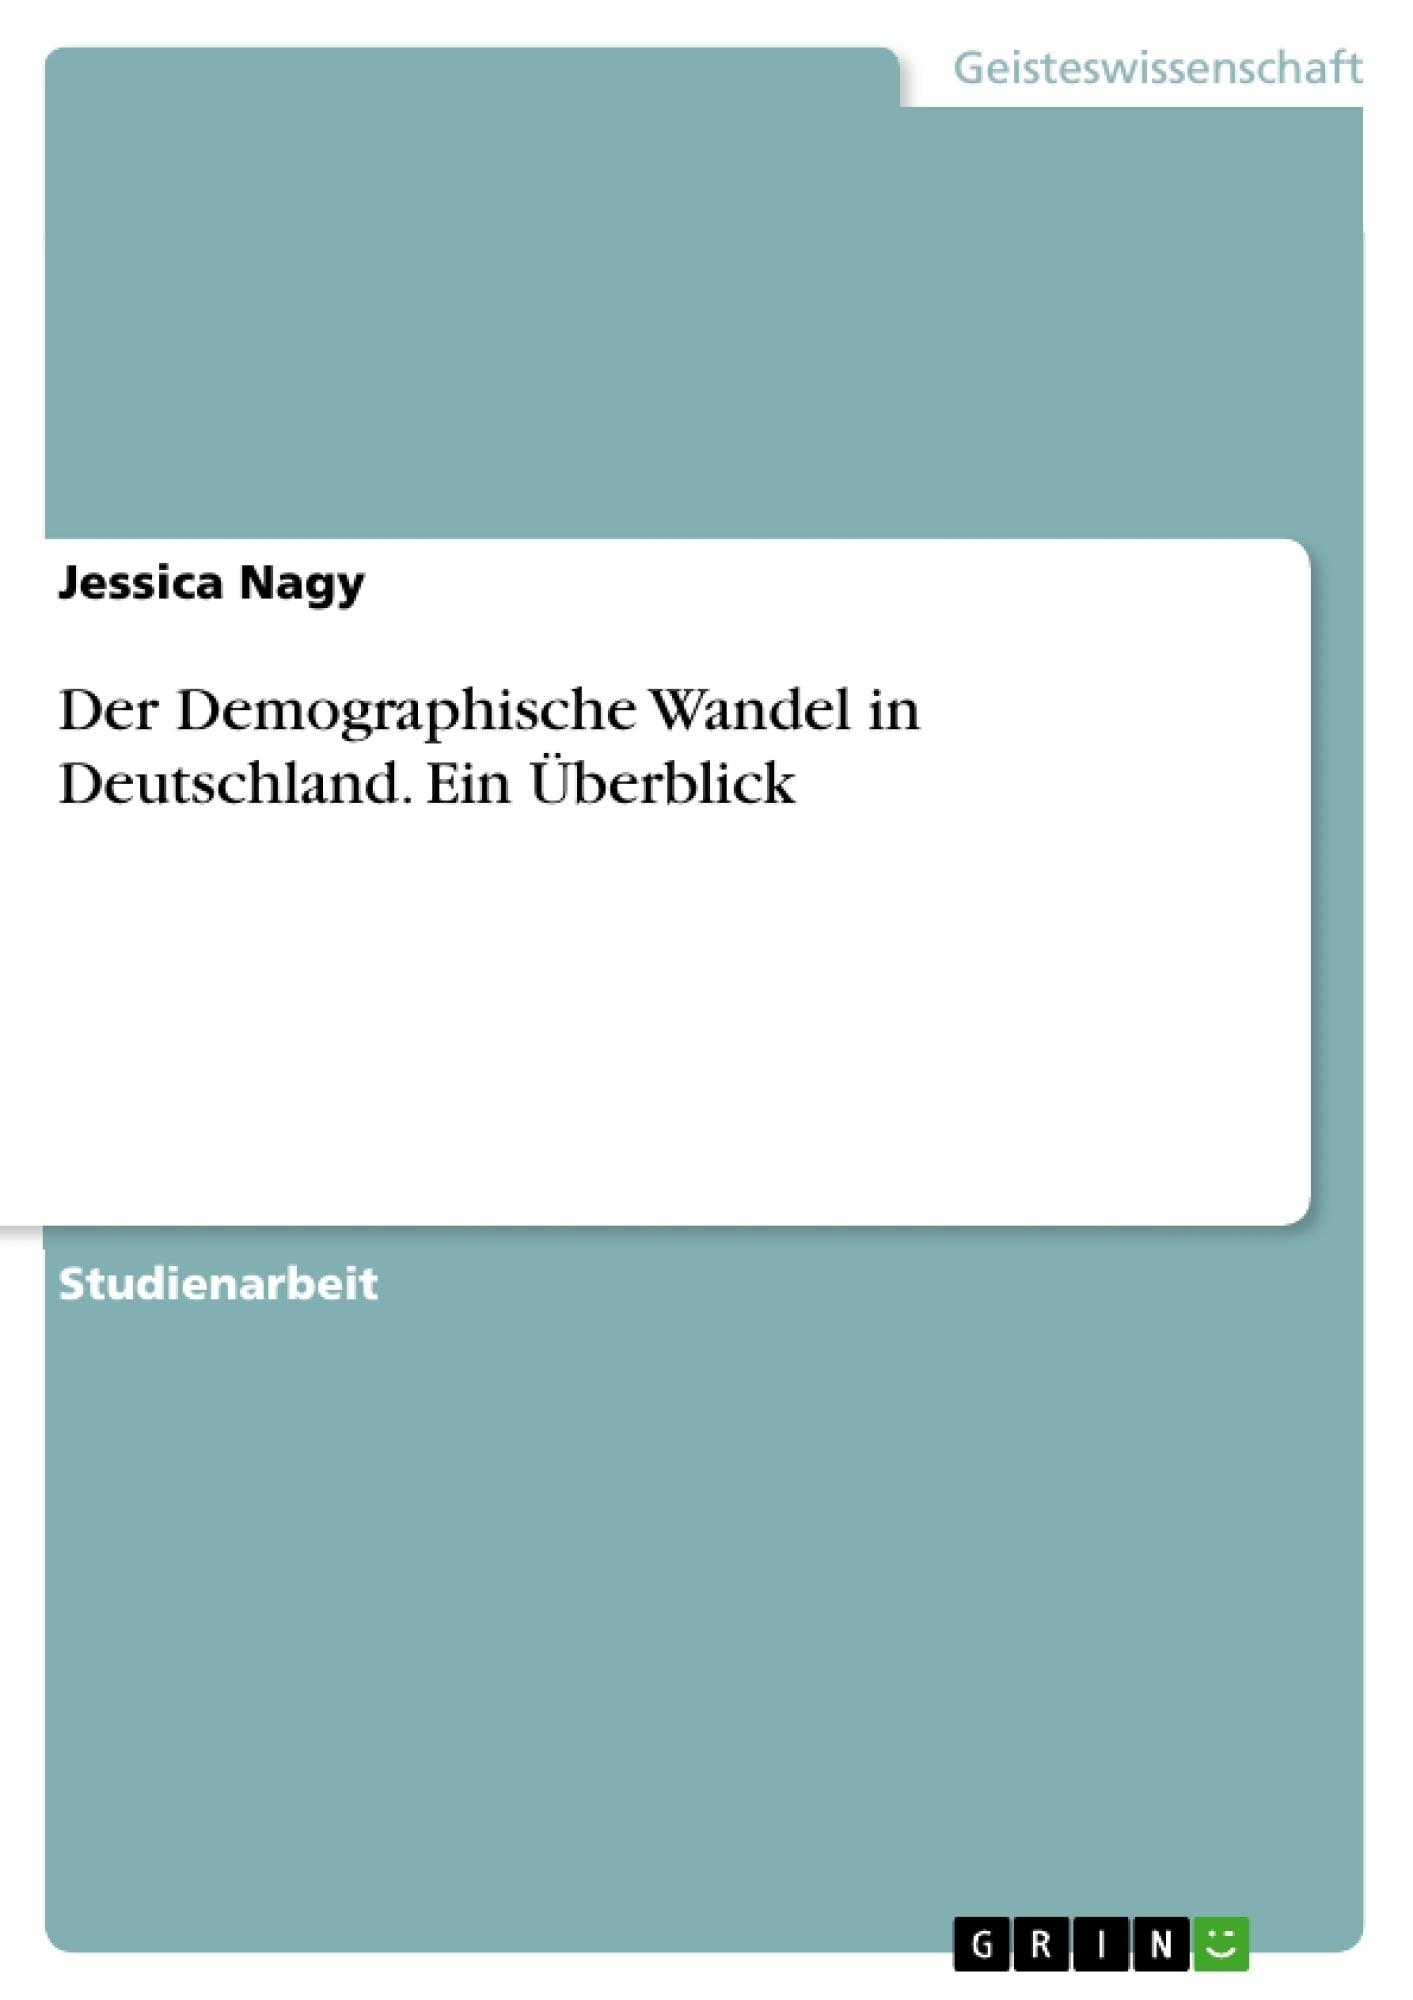 Titel: Der Demographische Wandel in Deutschland. Ein Überblick